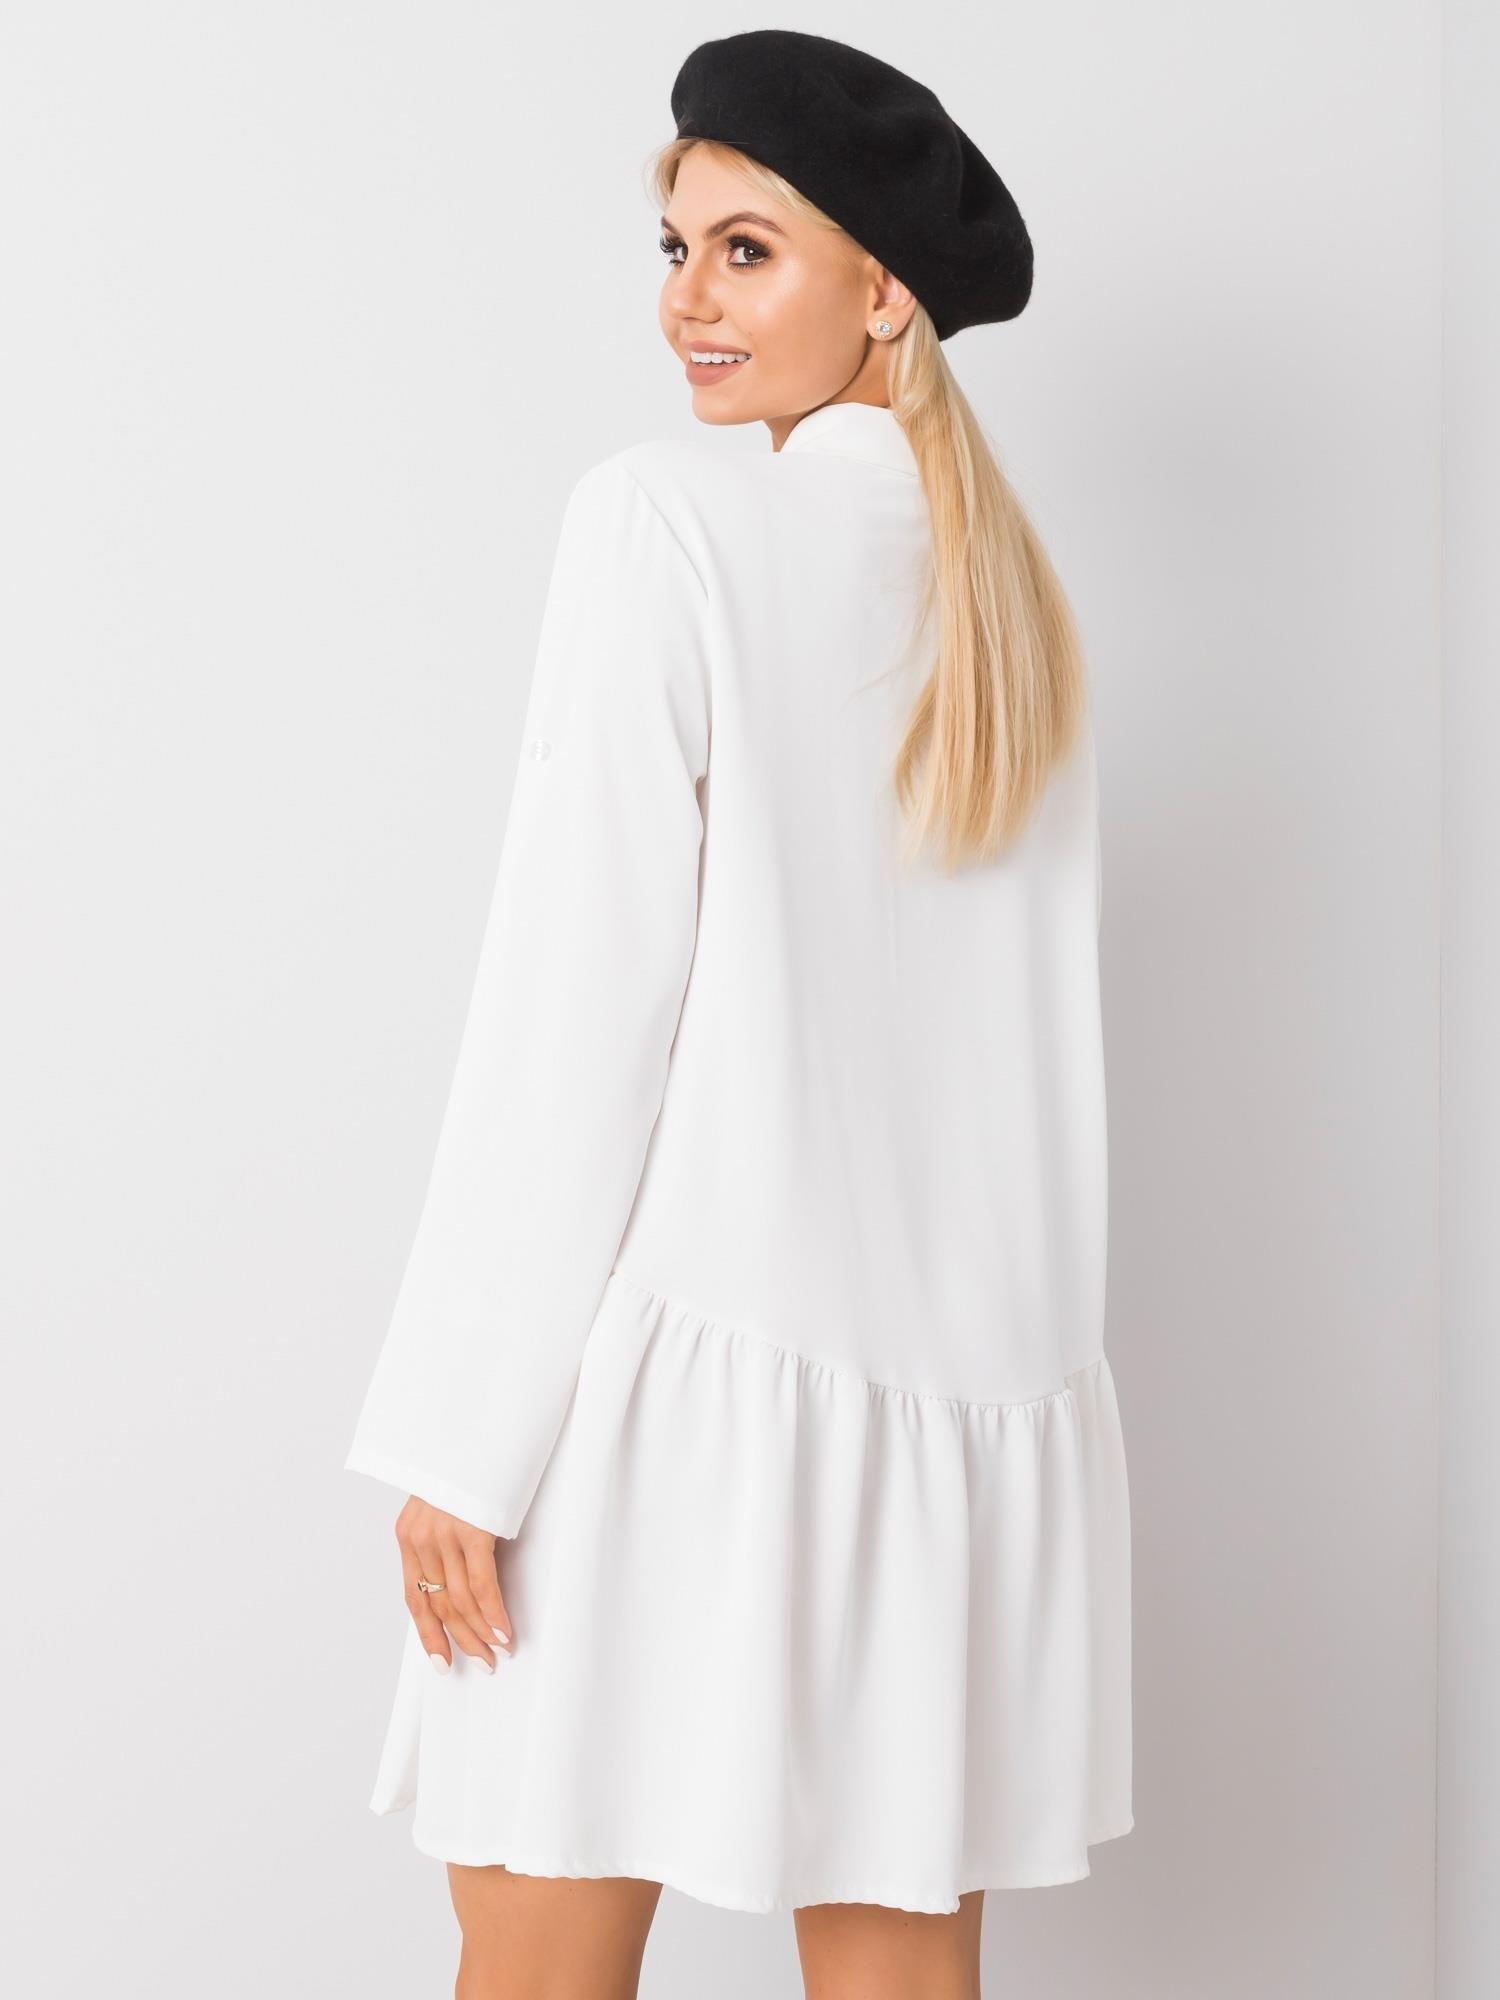 Minikleid in Weiß Rückansicht